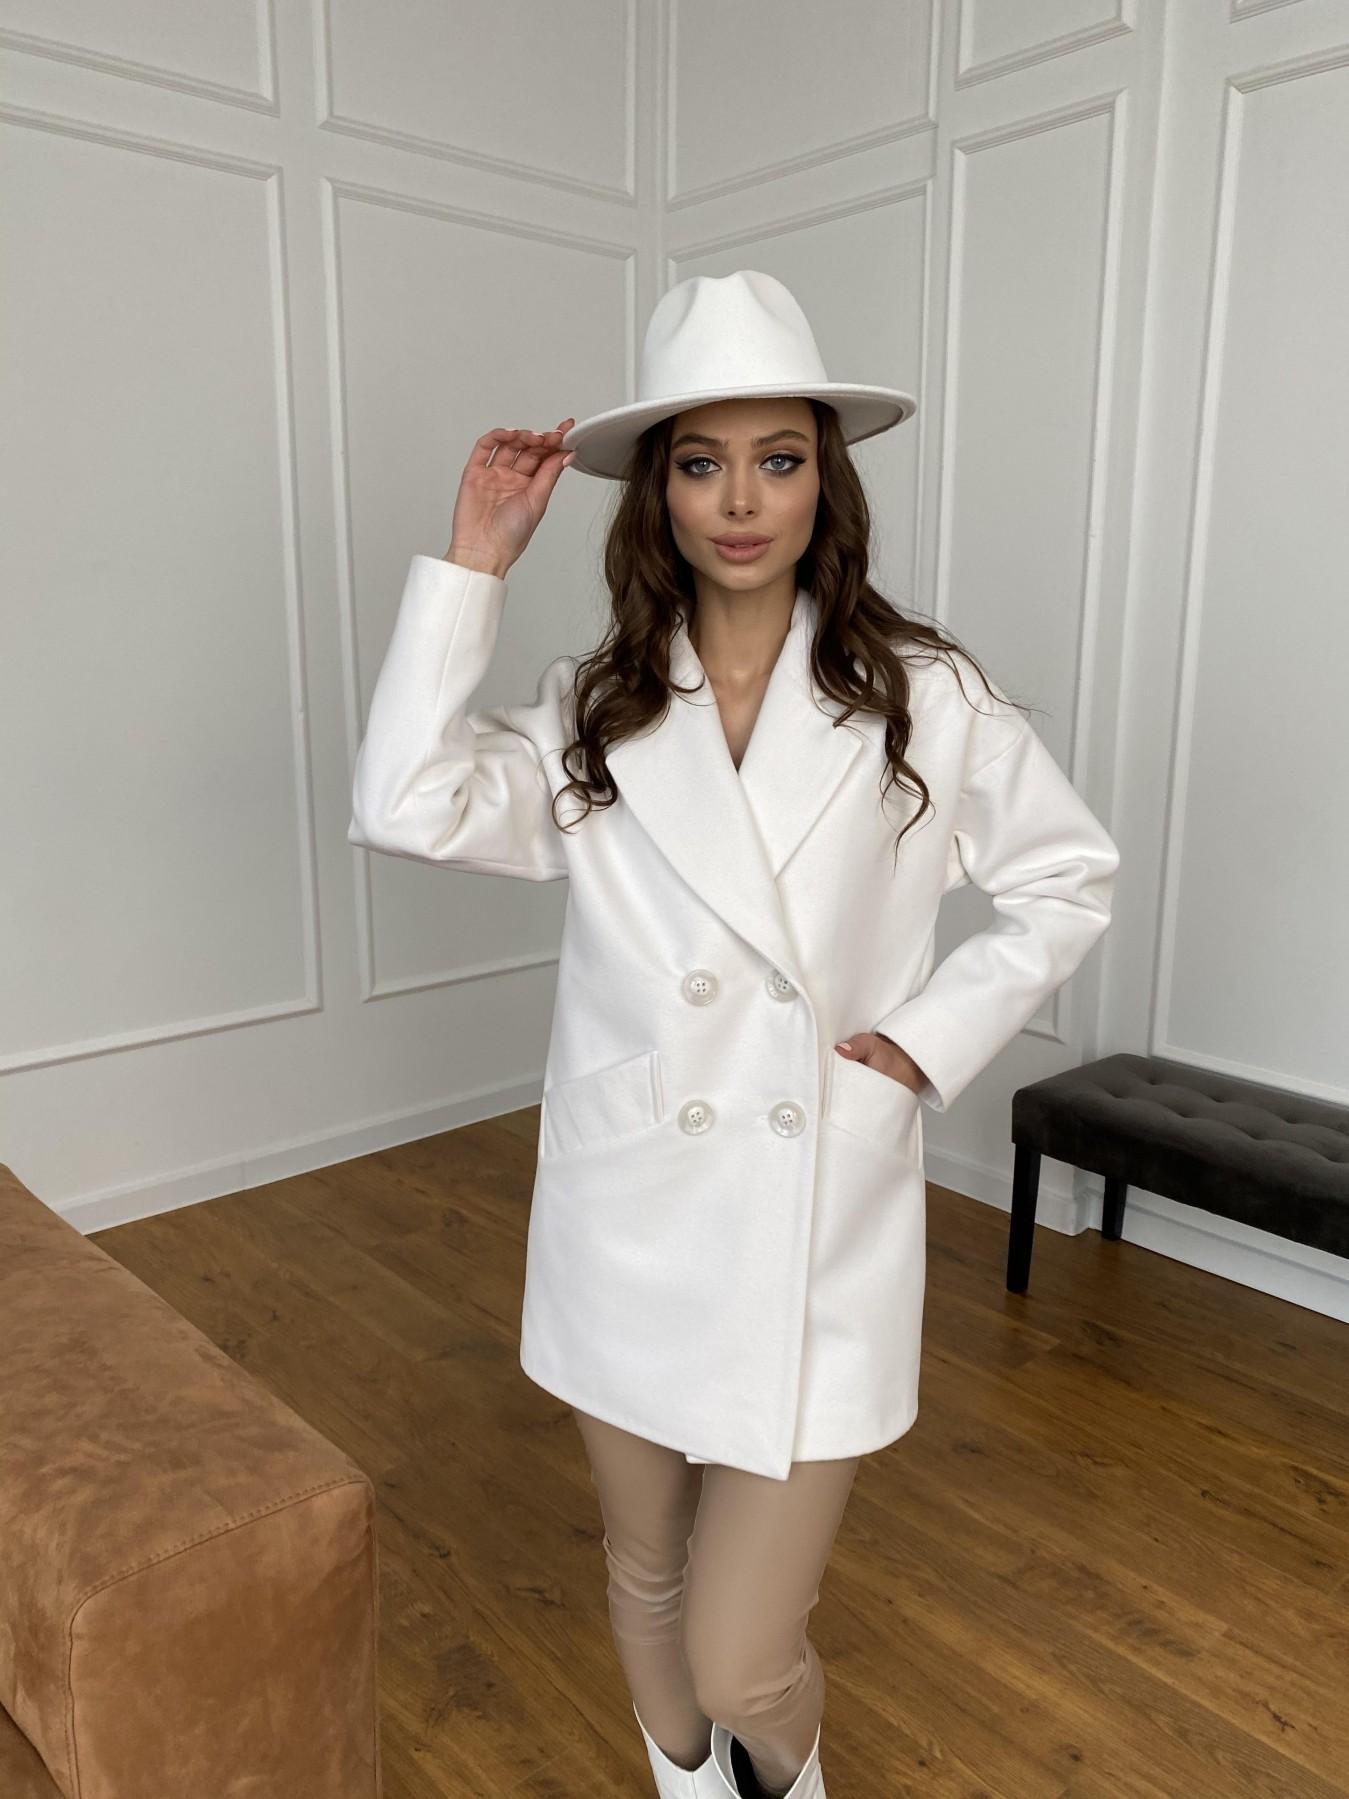 Бонд пальто из кашемира 10646 АРТ. 47495 Цвет: Молоко 1 - фото 3, интернет магазин tm-modus.ru